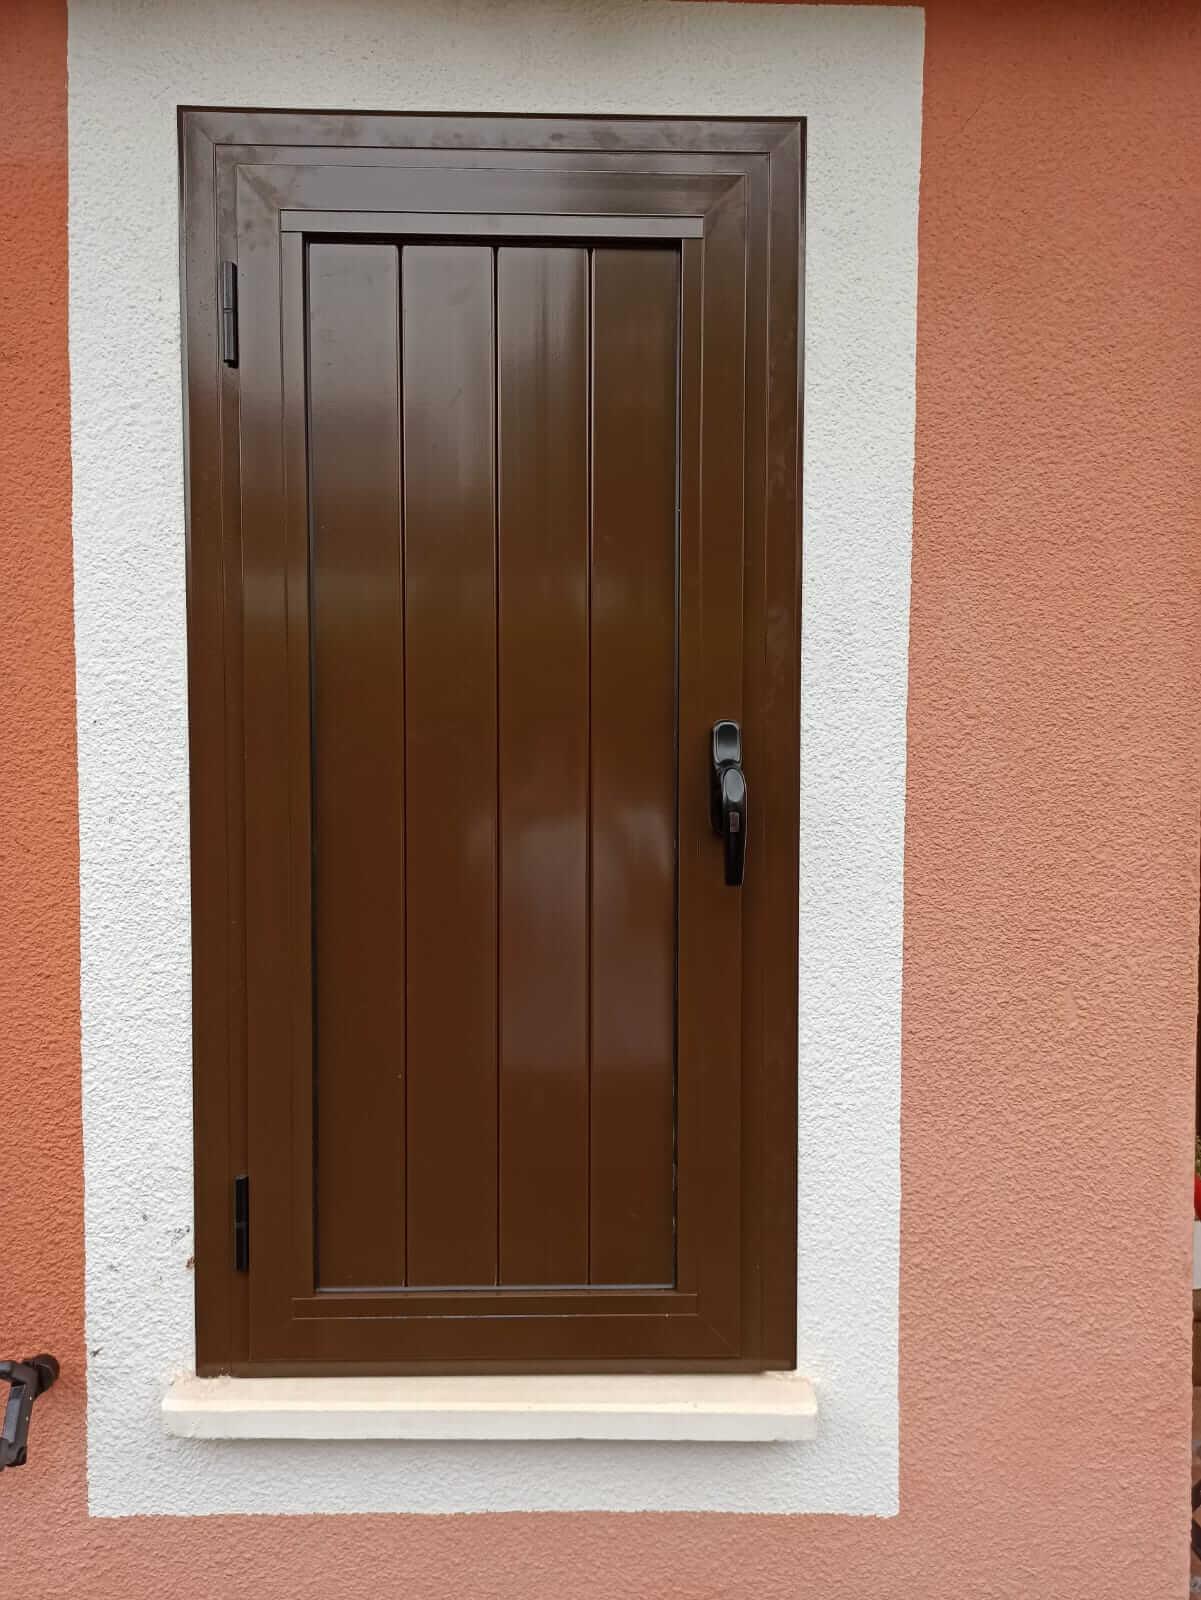 Contraventana de madera marrón de una hoja, cerrada, vista desde el exterior de la vivienda.